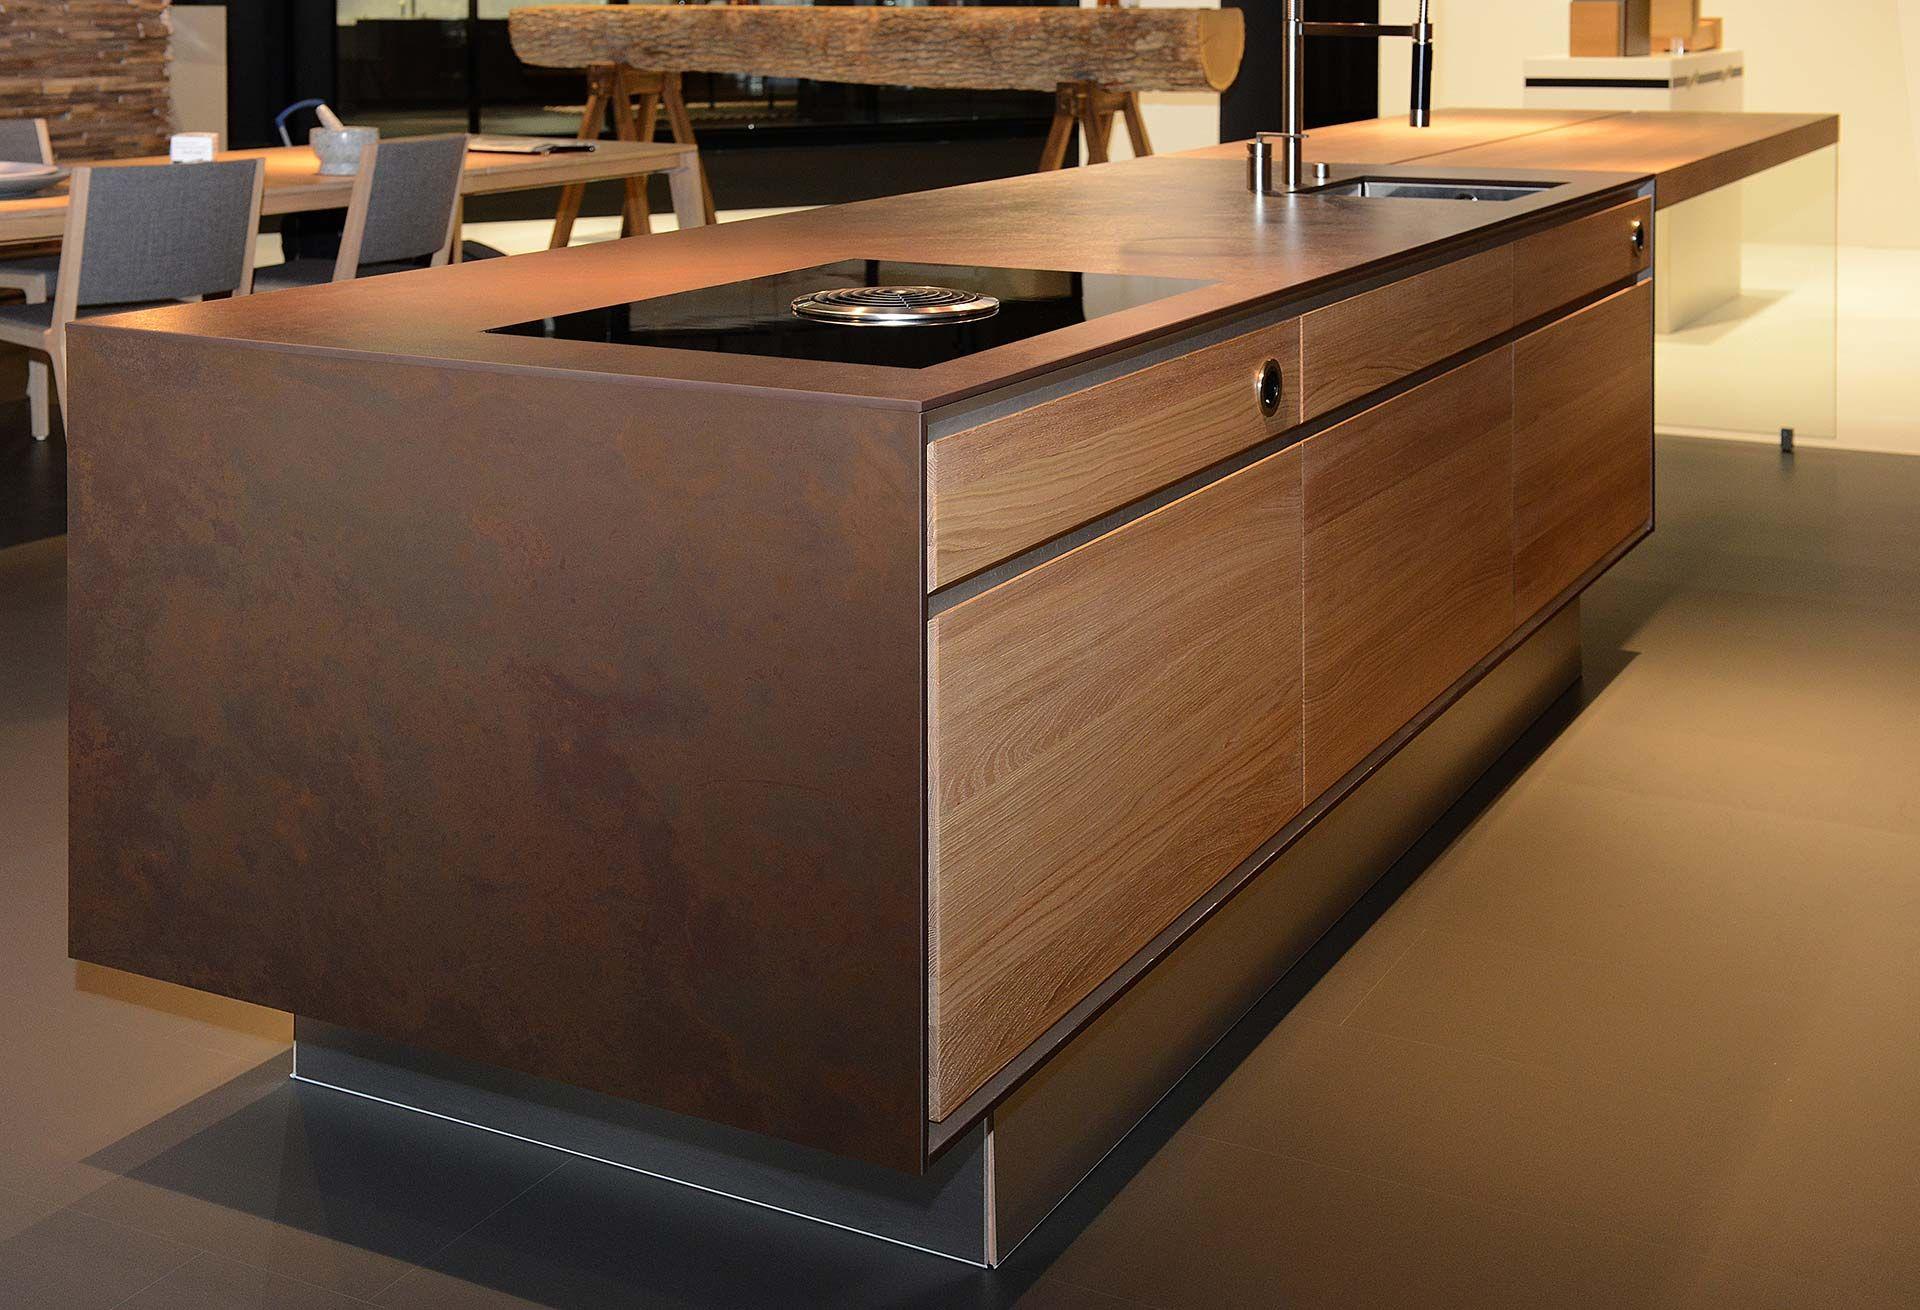 dekton ausstellung in st gallen by granimor ag dekton k chenabdeckungen pinterest. Black Bedroom Furniture Sets. Home Design Ideas